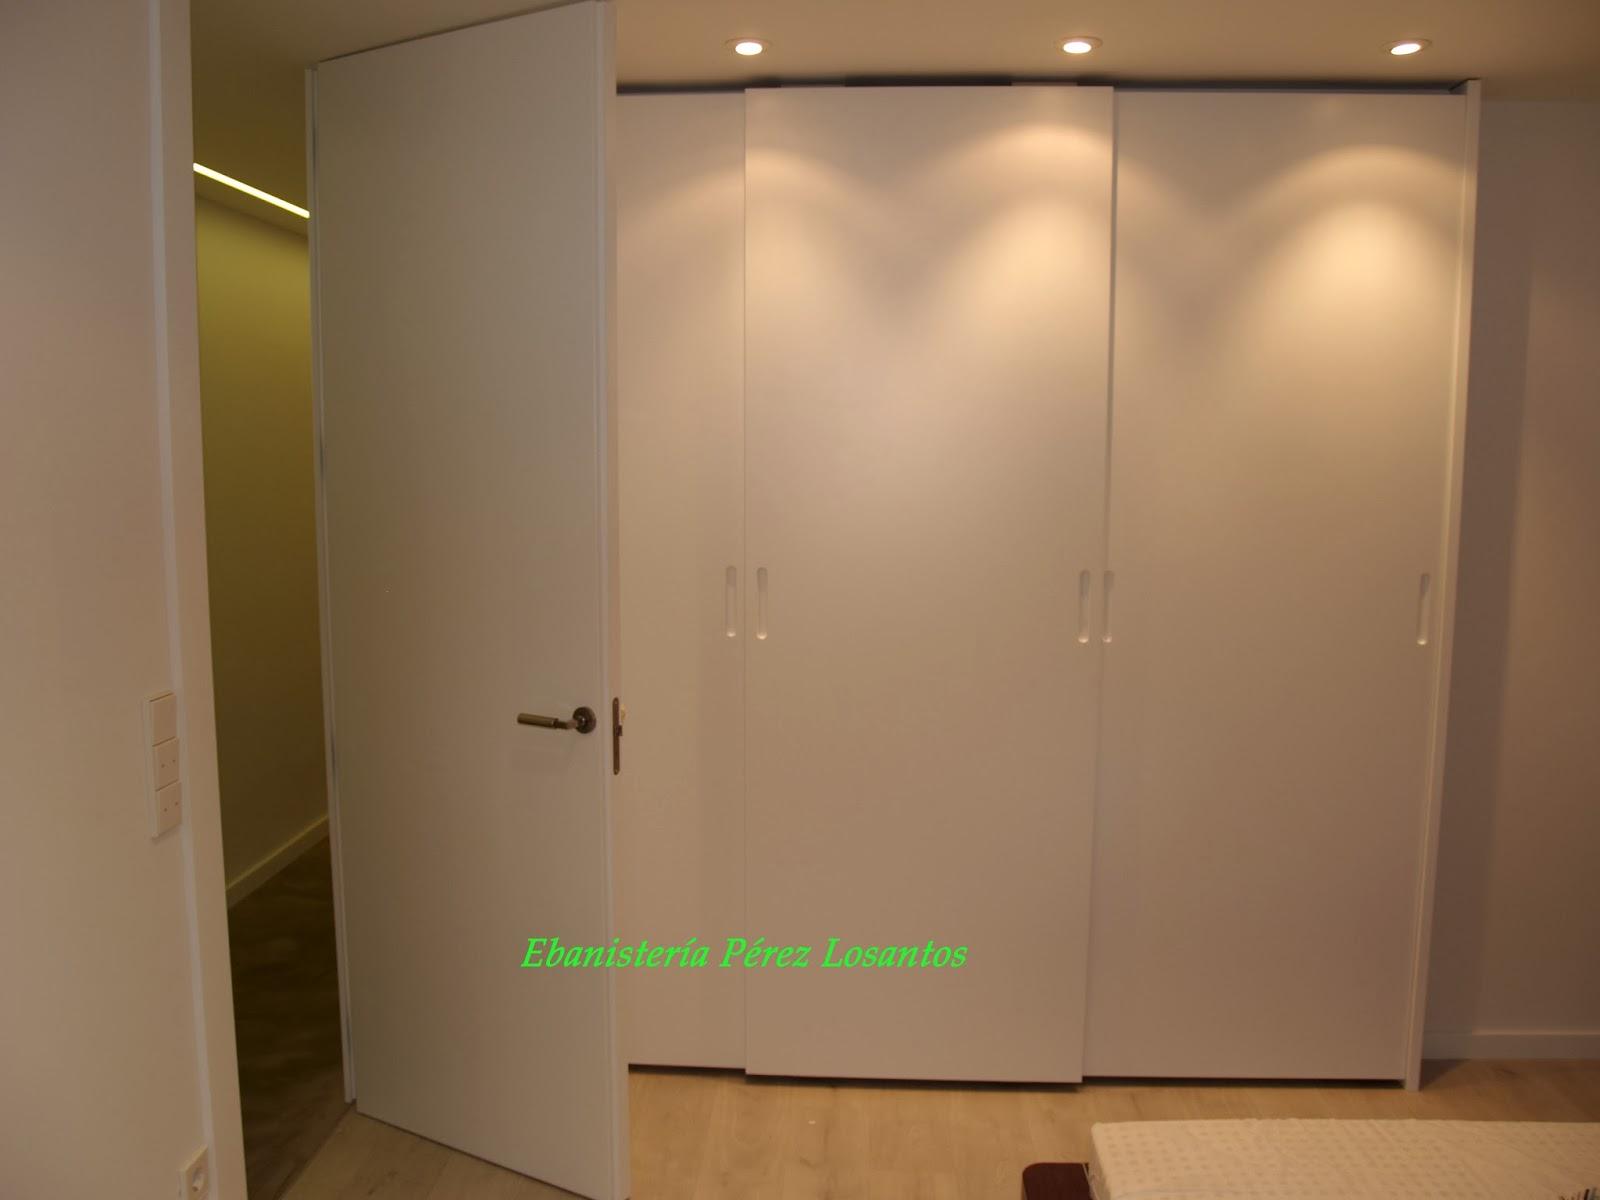 Herrajes puertas correderas colgadas perfect puertas for Fabricar puerta corredera